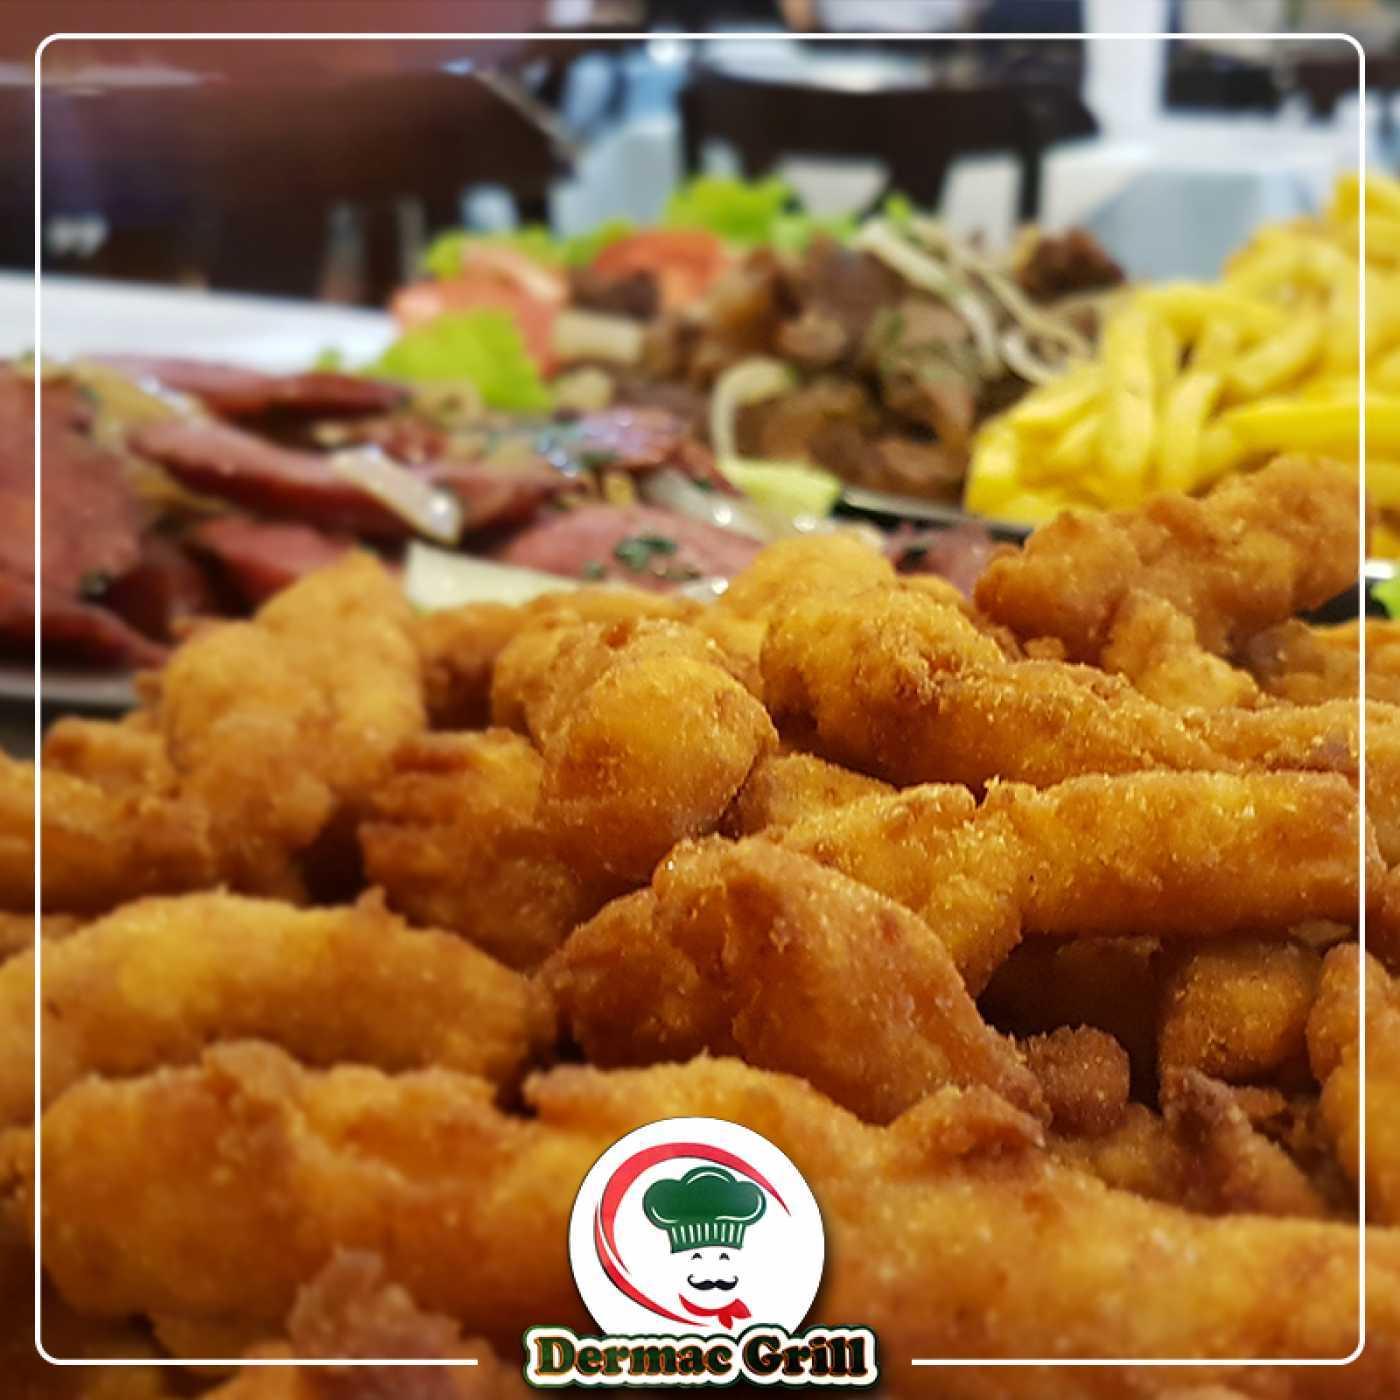 Restaurante e Pizzaria Dermac Grill